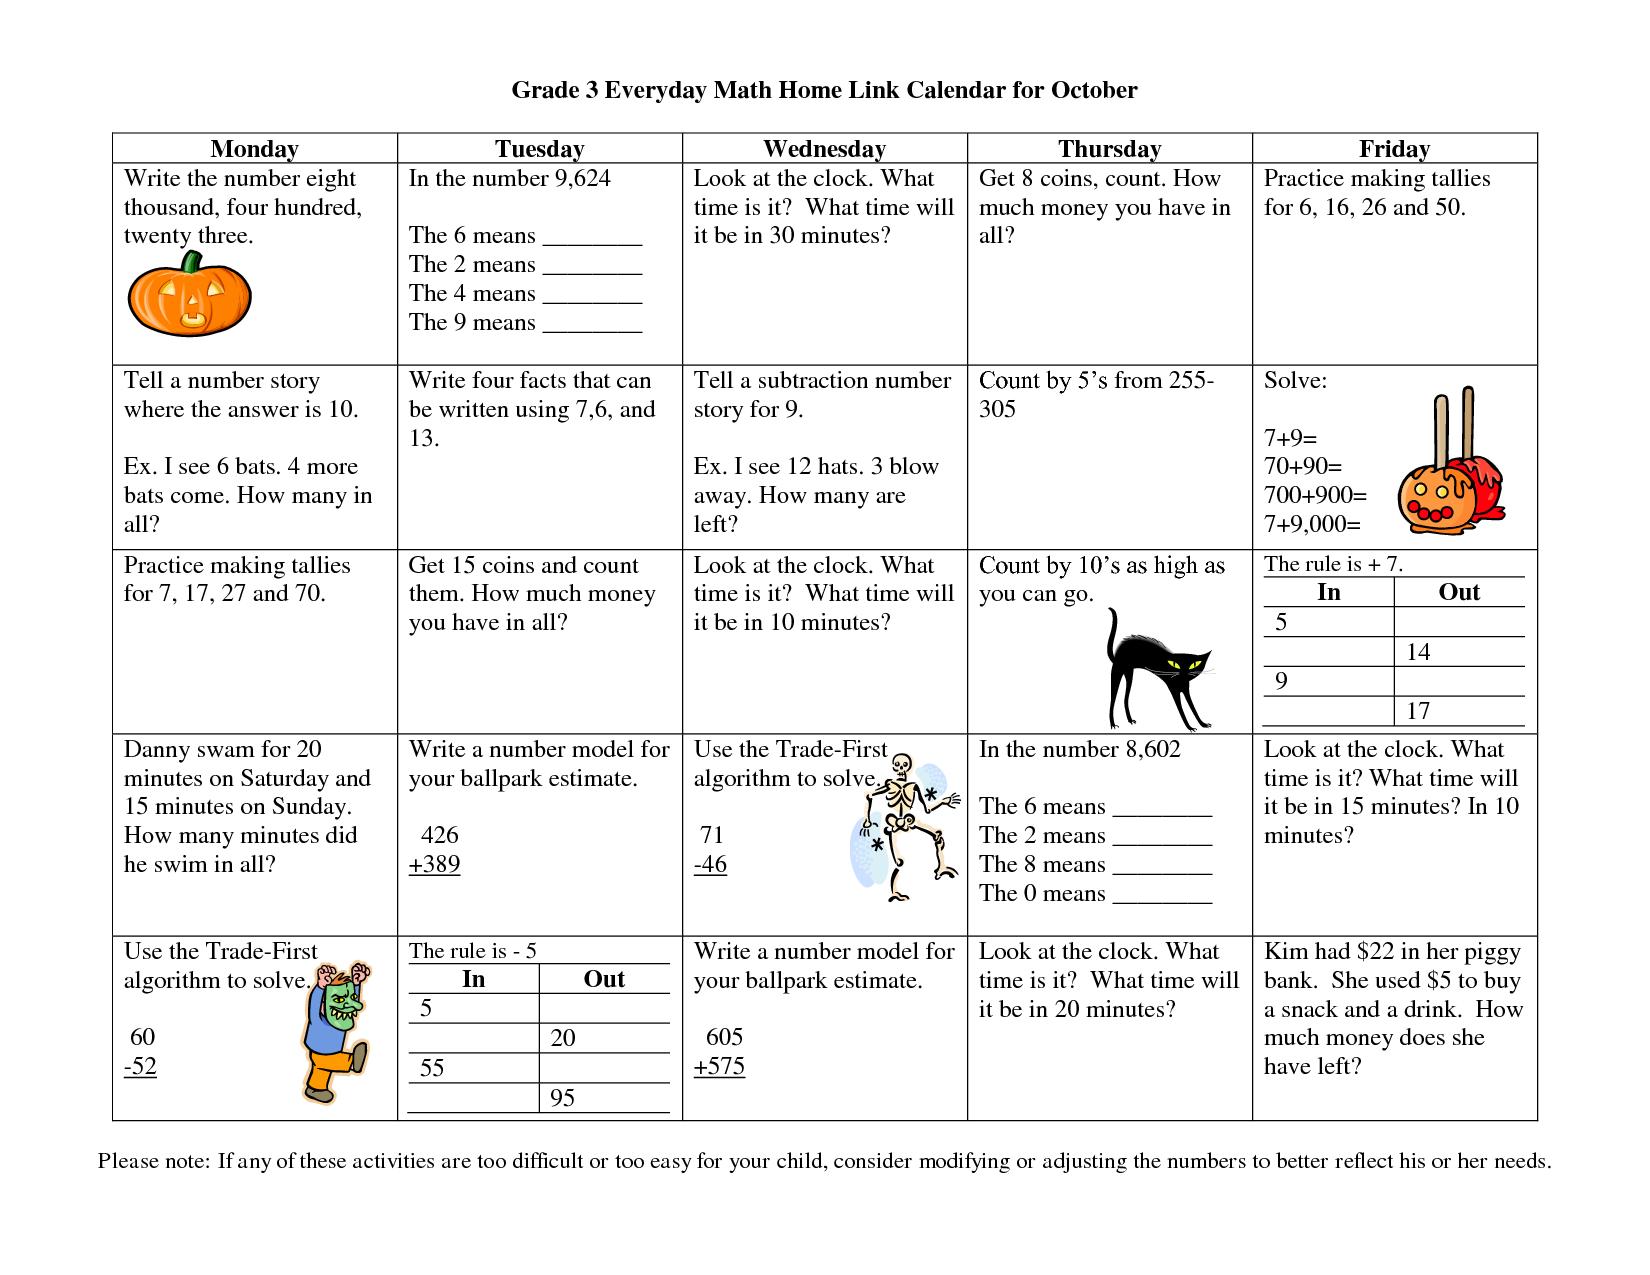 calendar math for third grade | Grade 3 Everyday Math Home Link ...